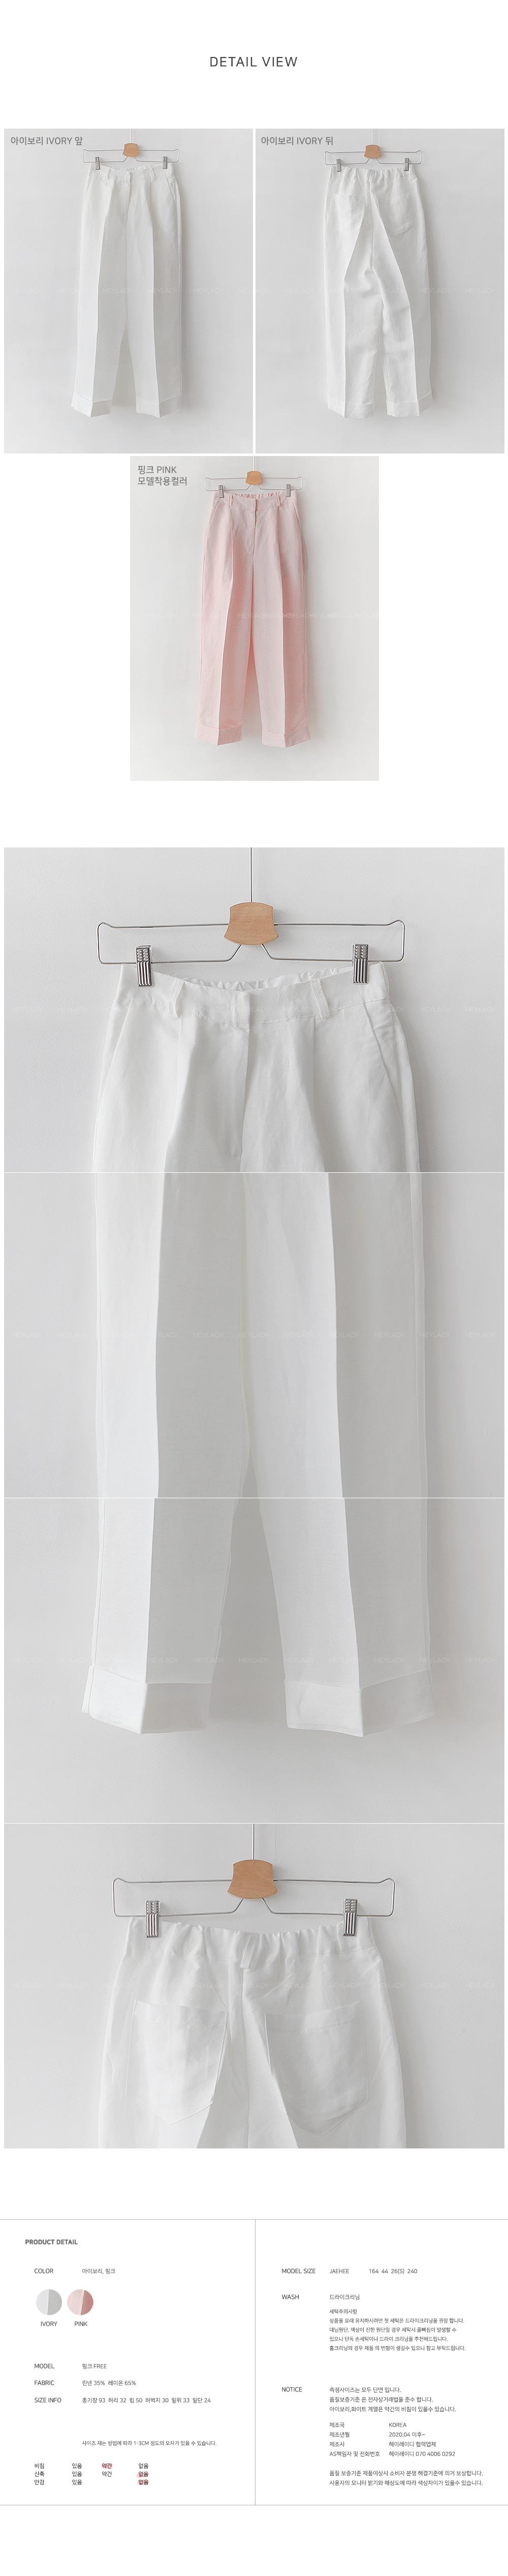 Ether Linen Slacks